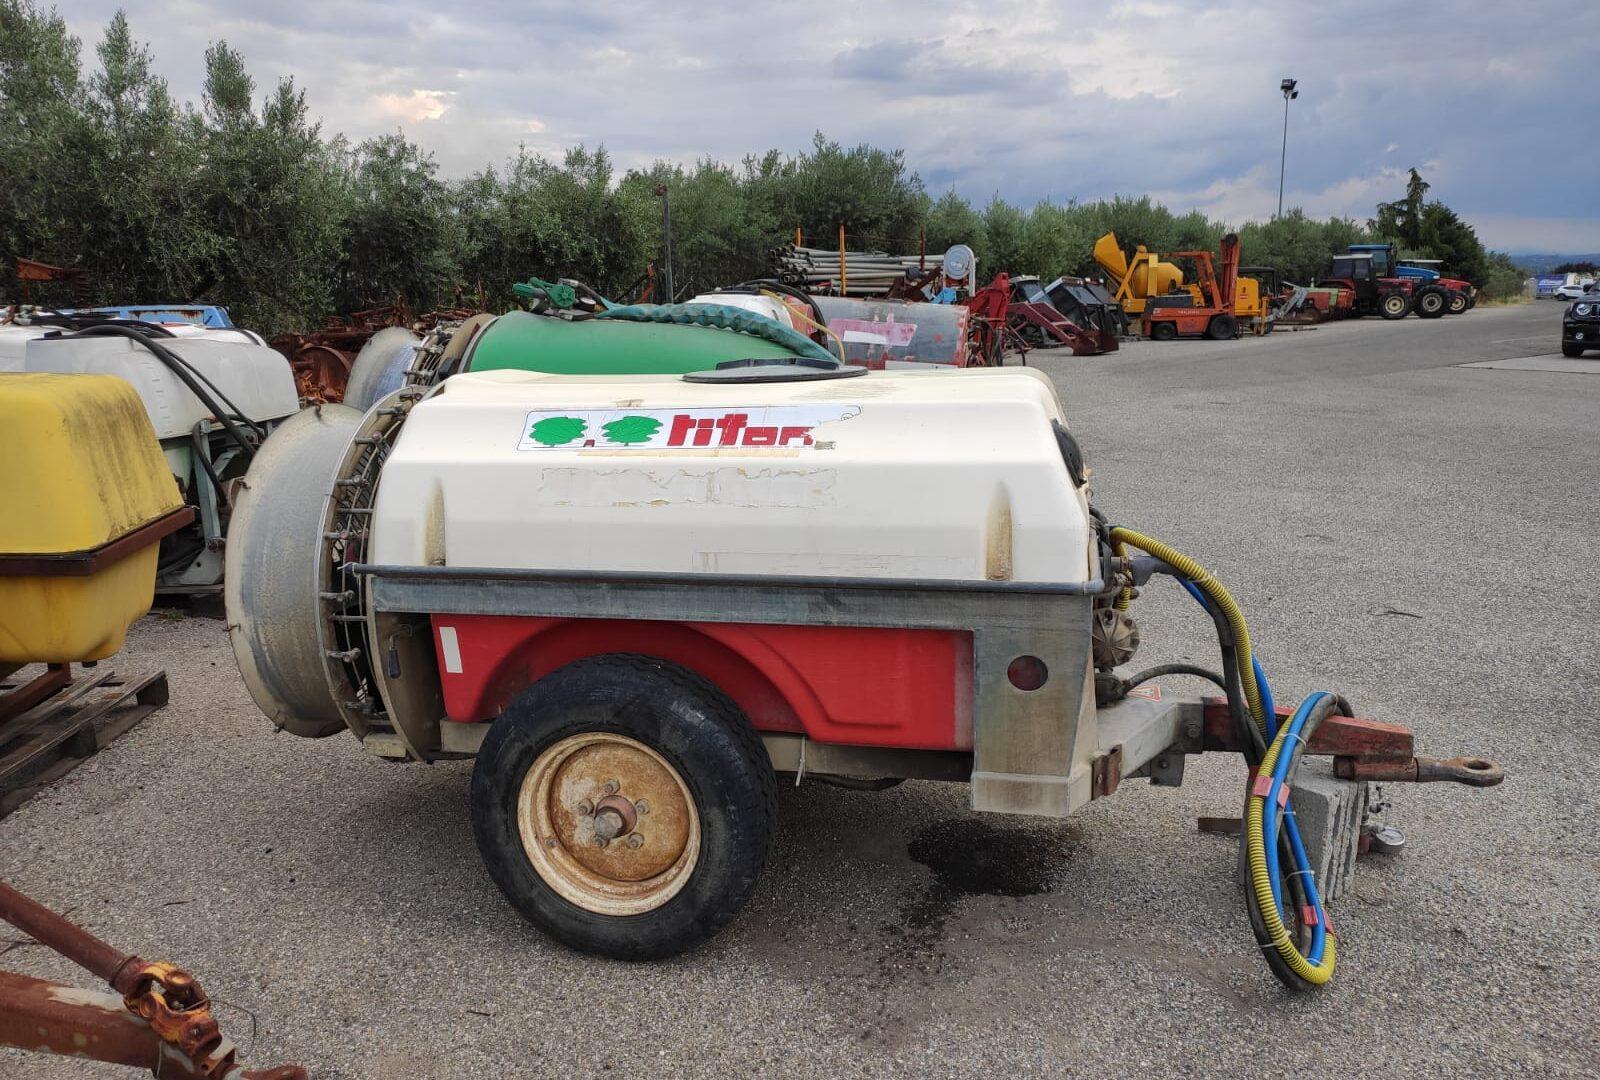 Atomizzatore usato Tifone in provincia di cosenza